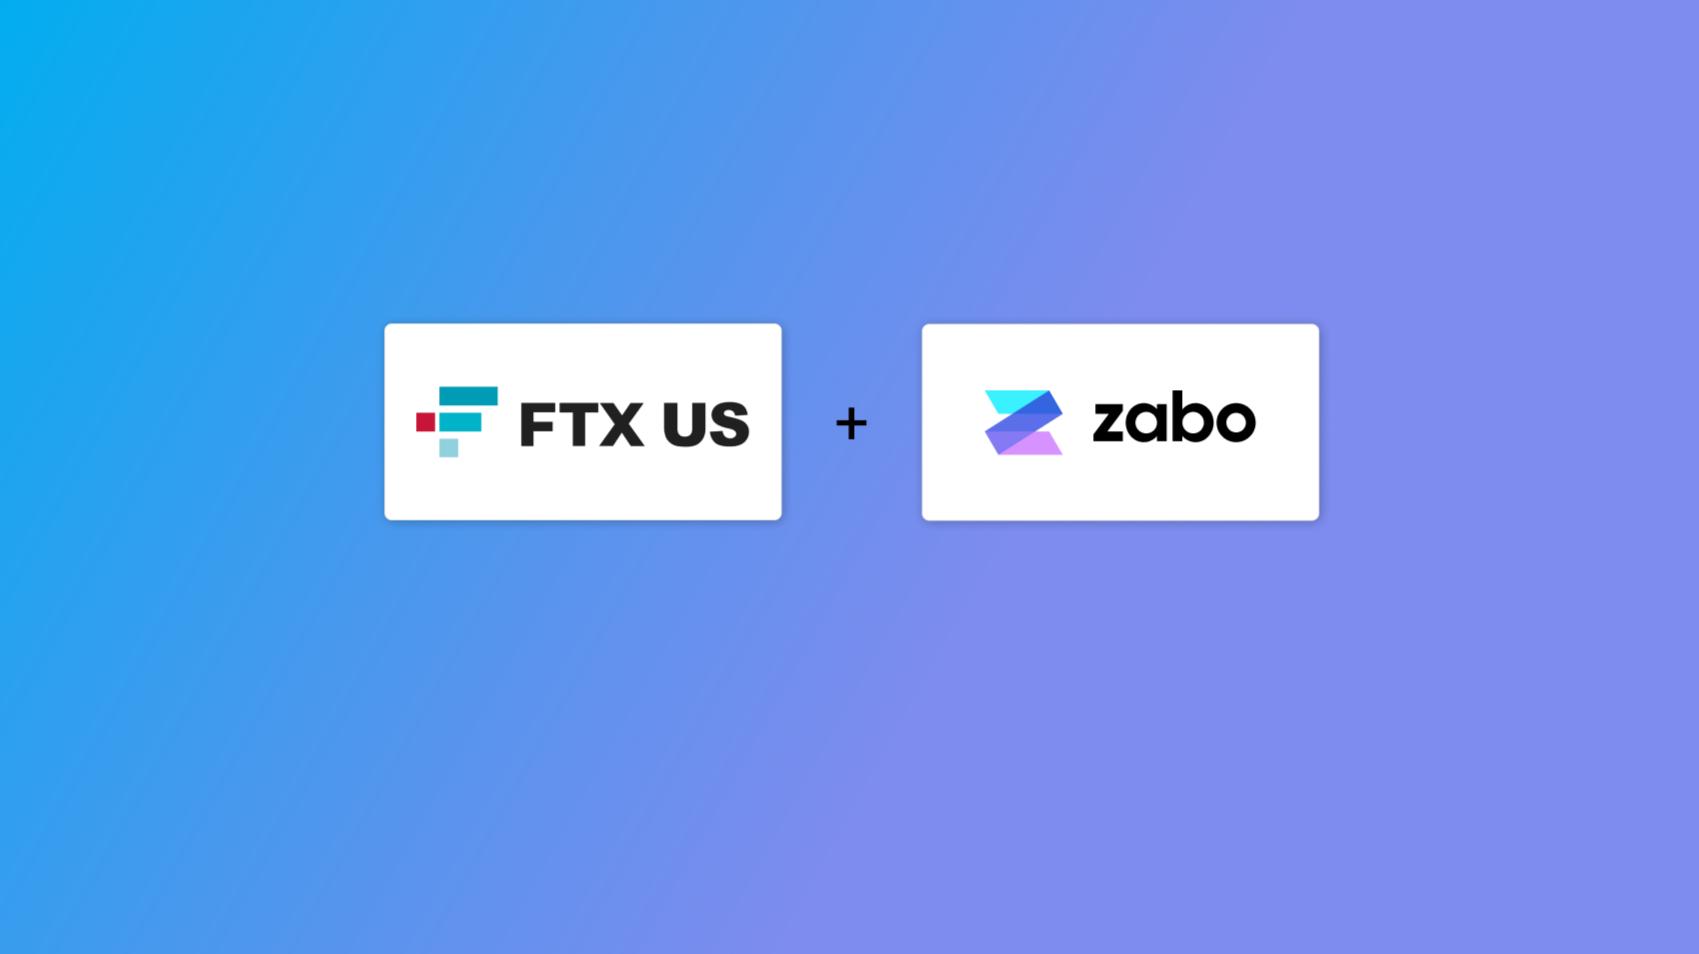 Zabo FTX US API